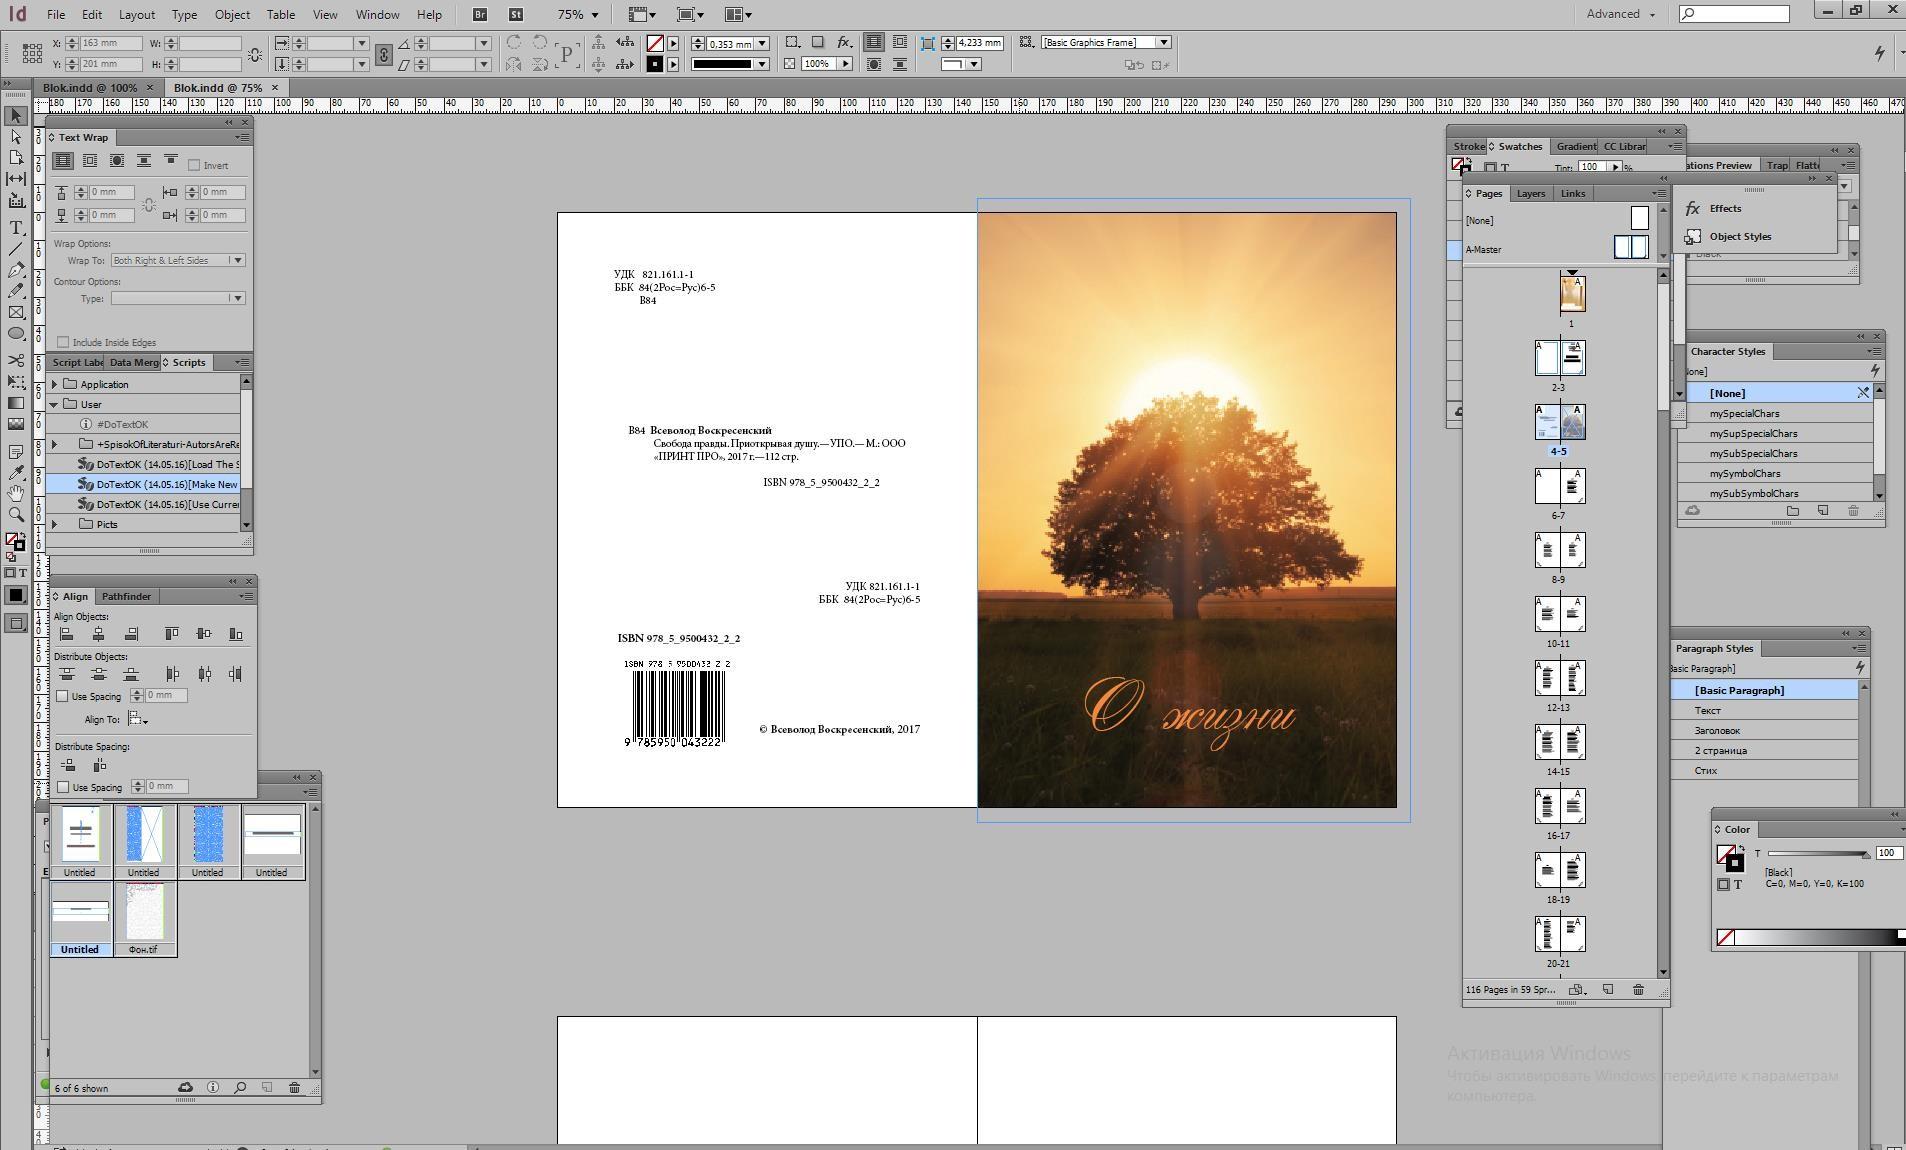 Верстка книги|Стоимость от 36 рублей/страница|Типография|Акция